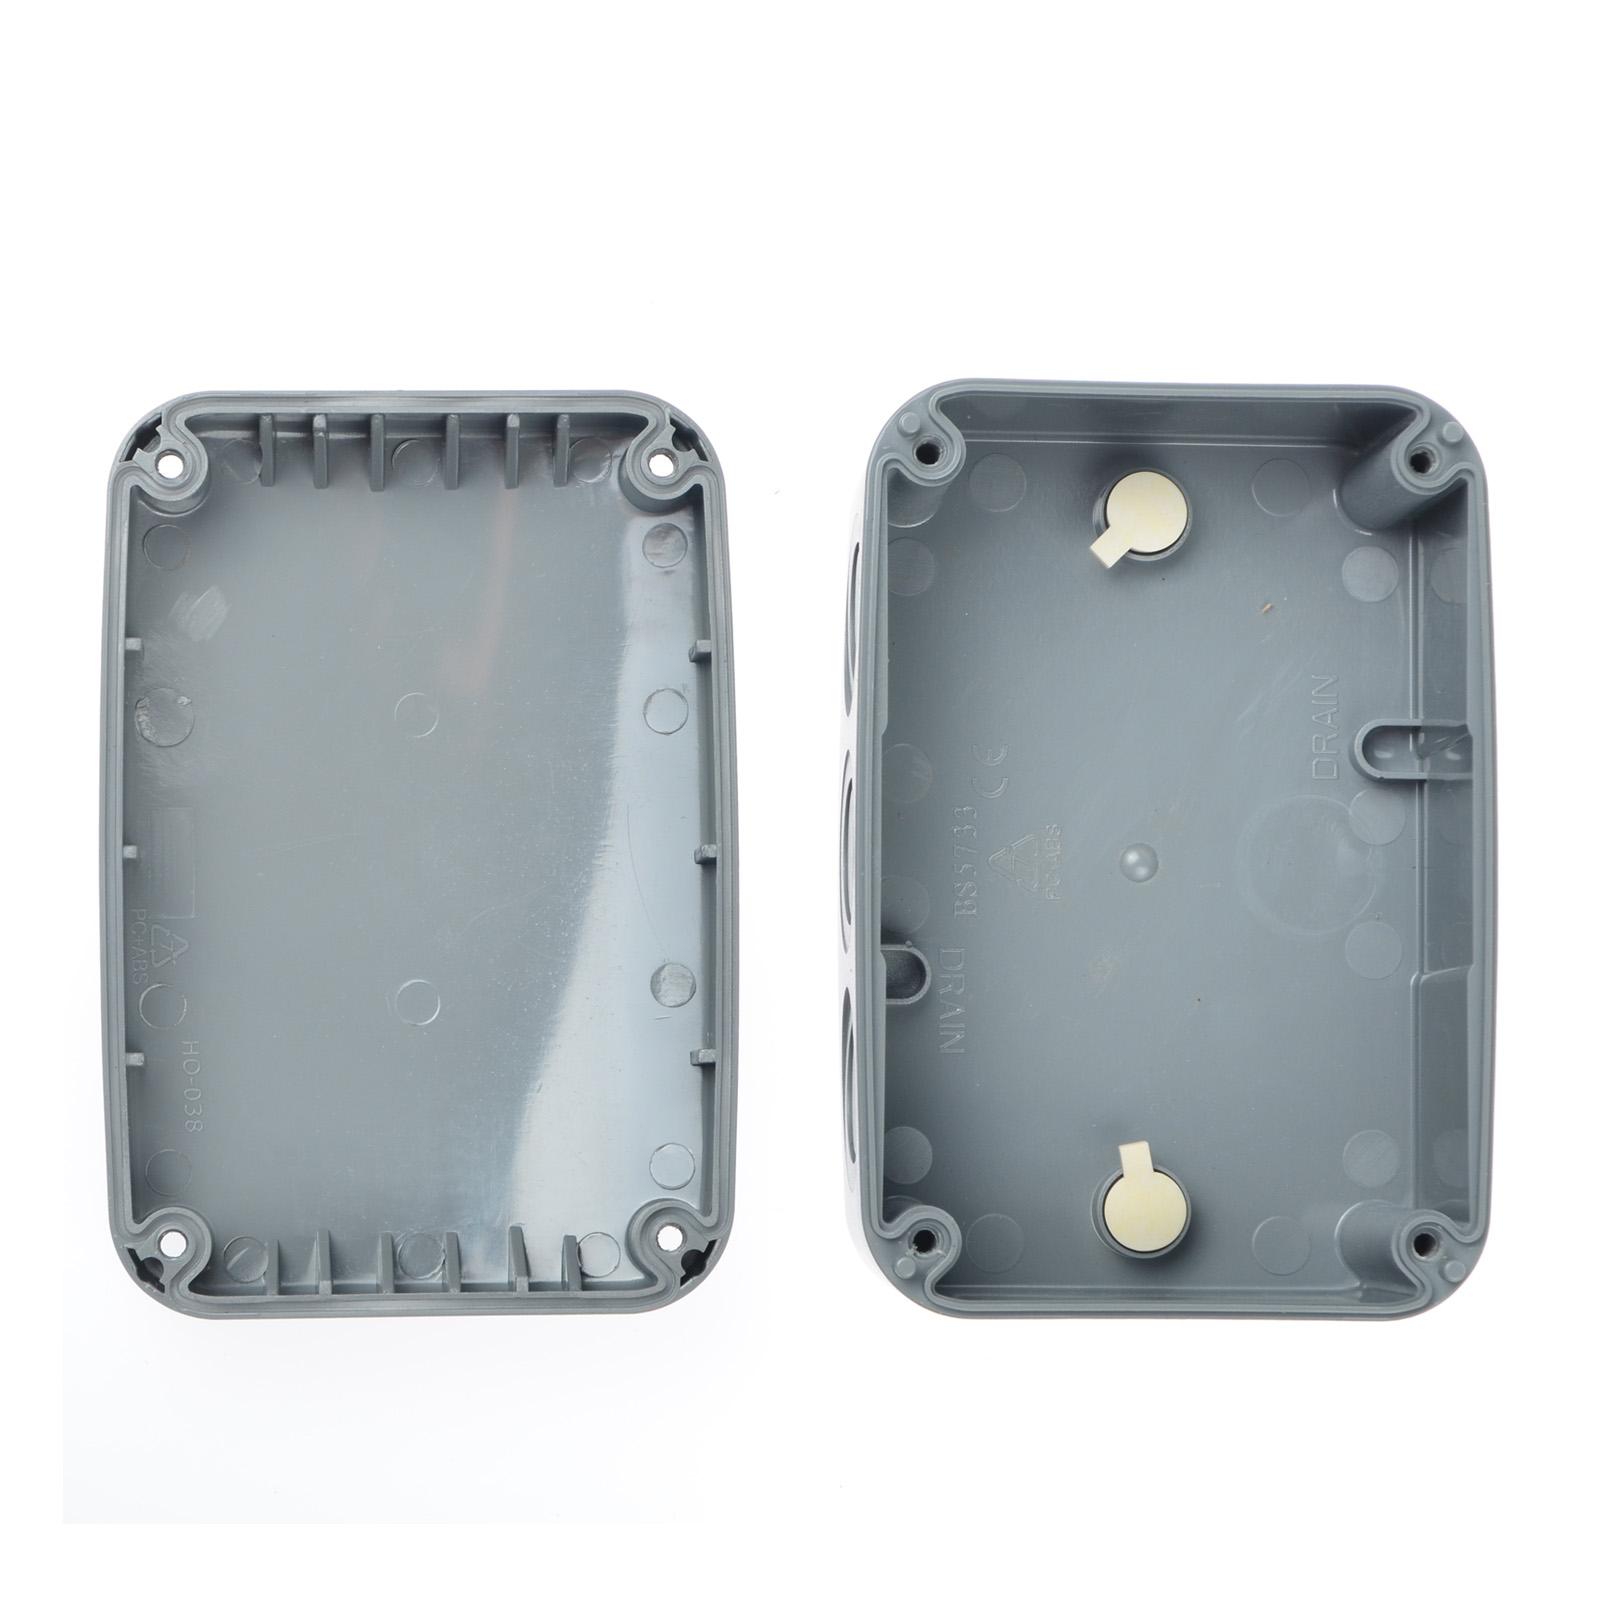 IP66 Waterproof Weatherproof Junction Box Plastic Electric Enclosure ...